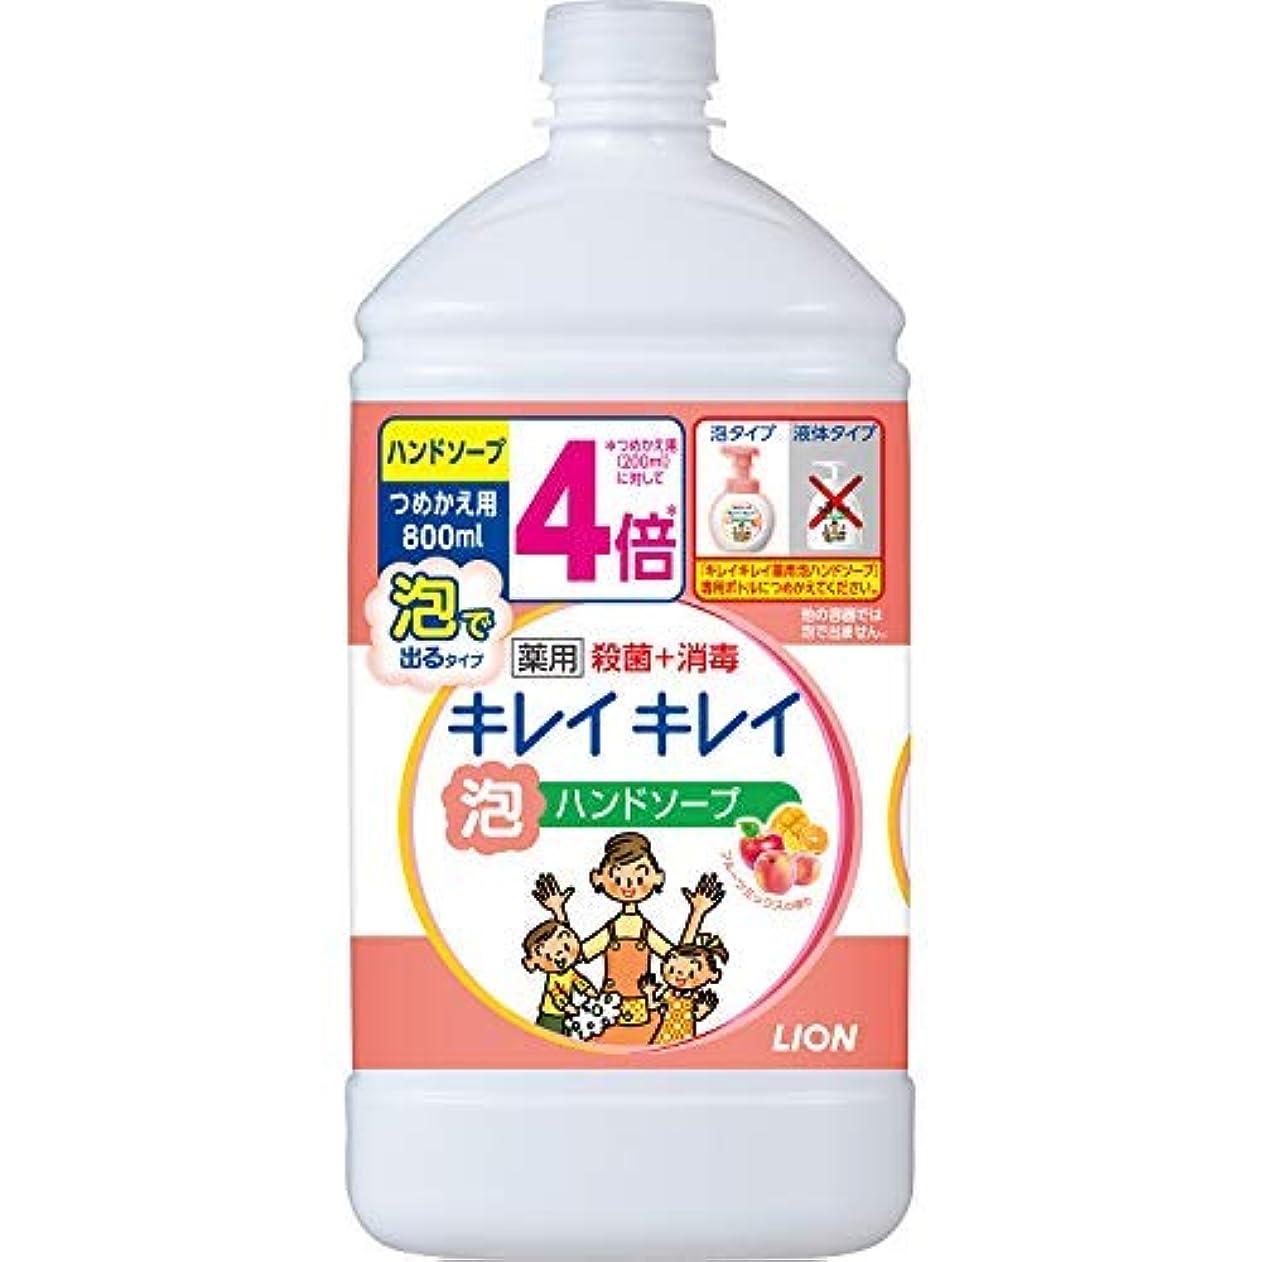 成熟従う認証キレイキレイ 薬用泡ハンドソープ つめかえ用特大サイズ フルーツミックス × 4個セット